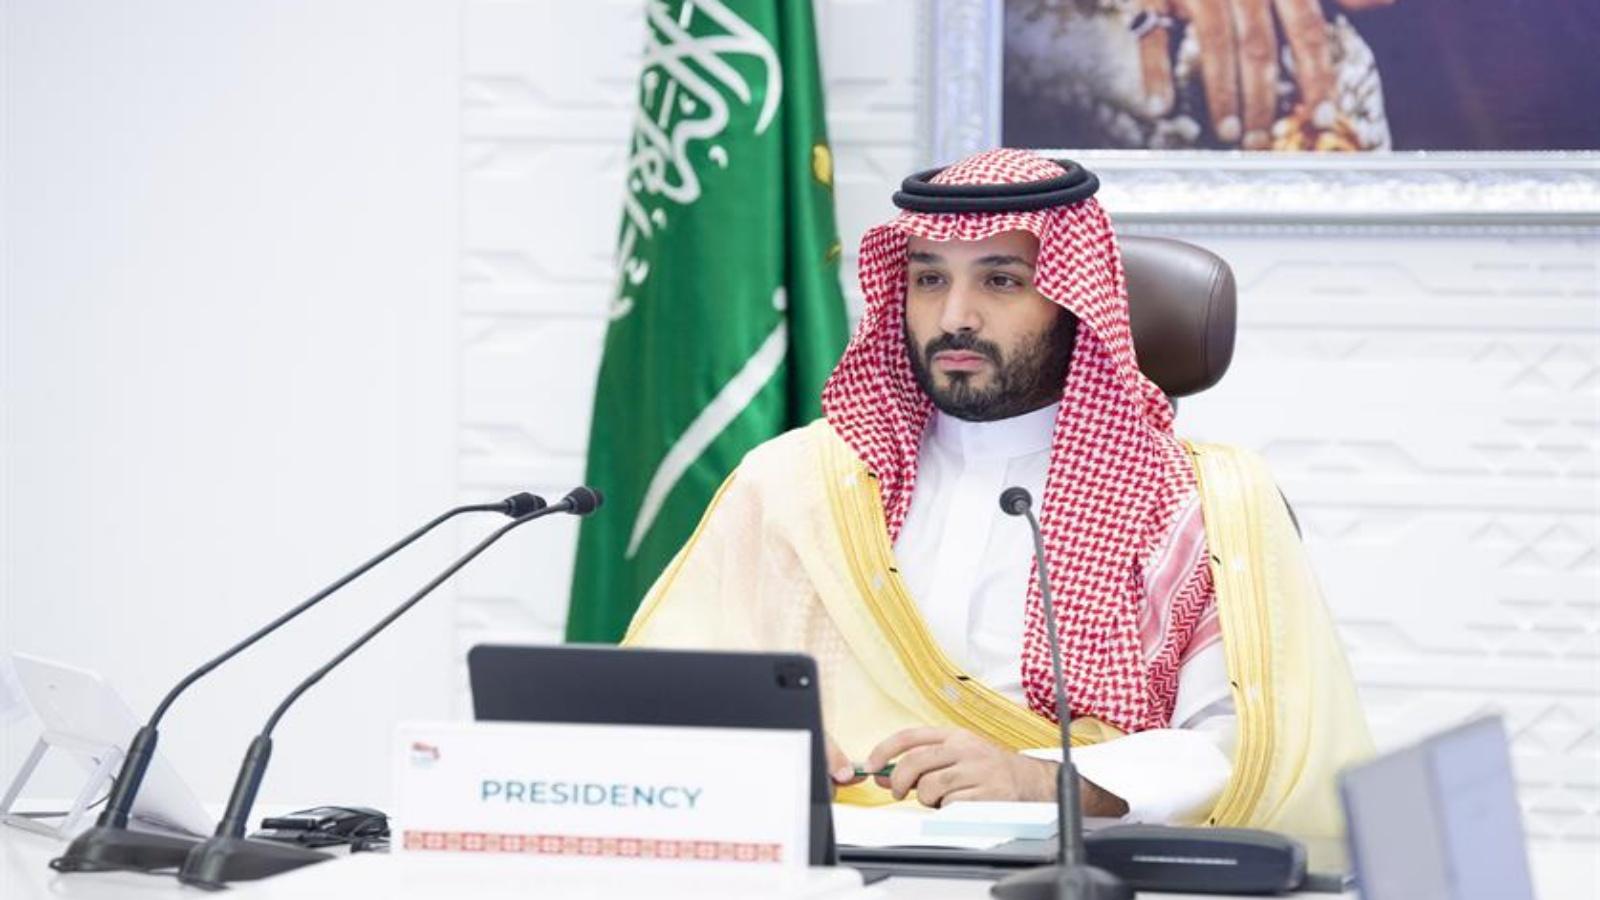 السعودية نيوز |  ولي العهد السعودي: المملكة قدمت 500 مليون دولار لجهود انتاج لقاح كورونا